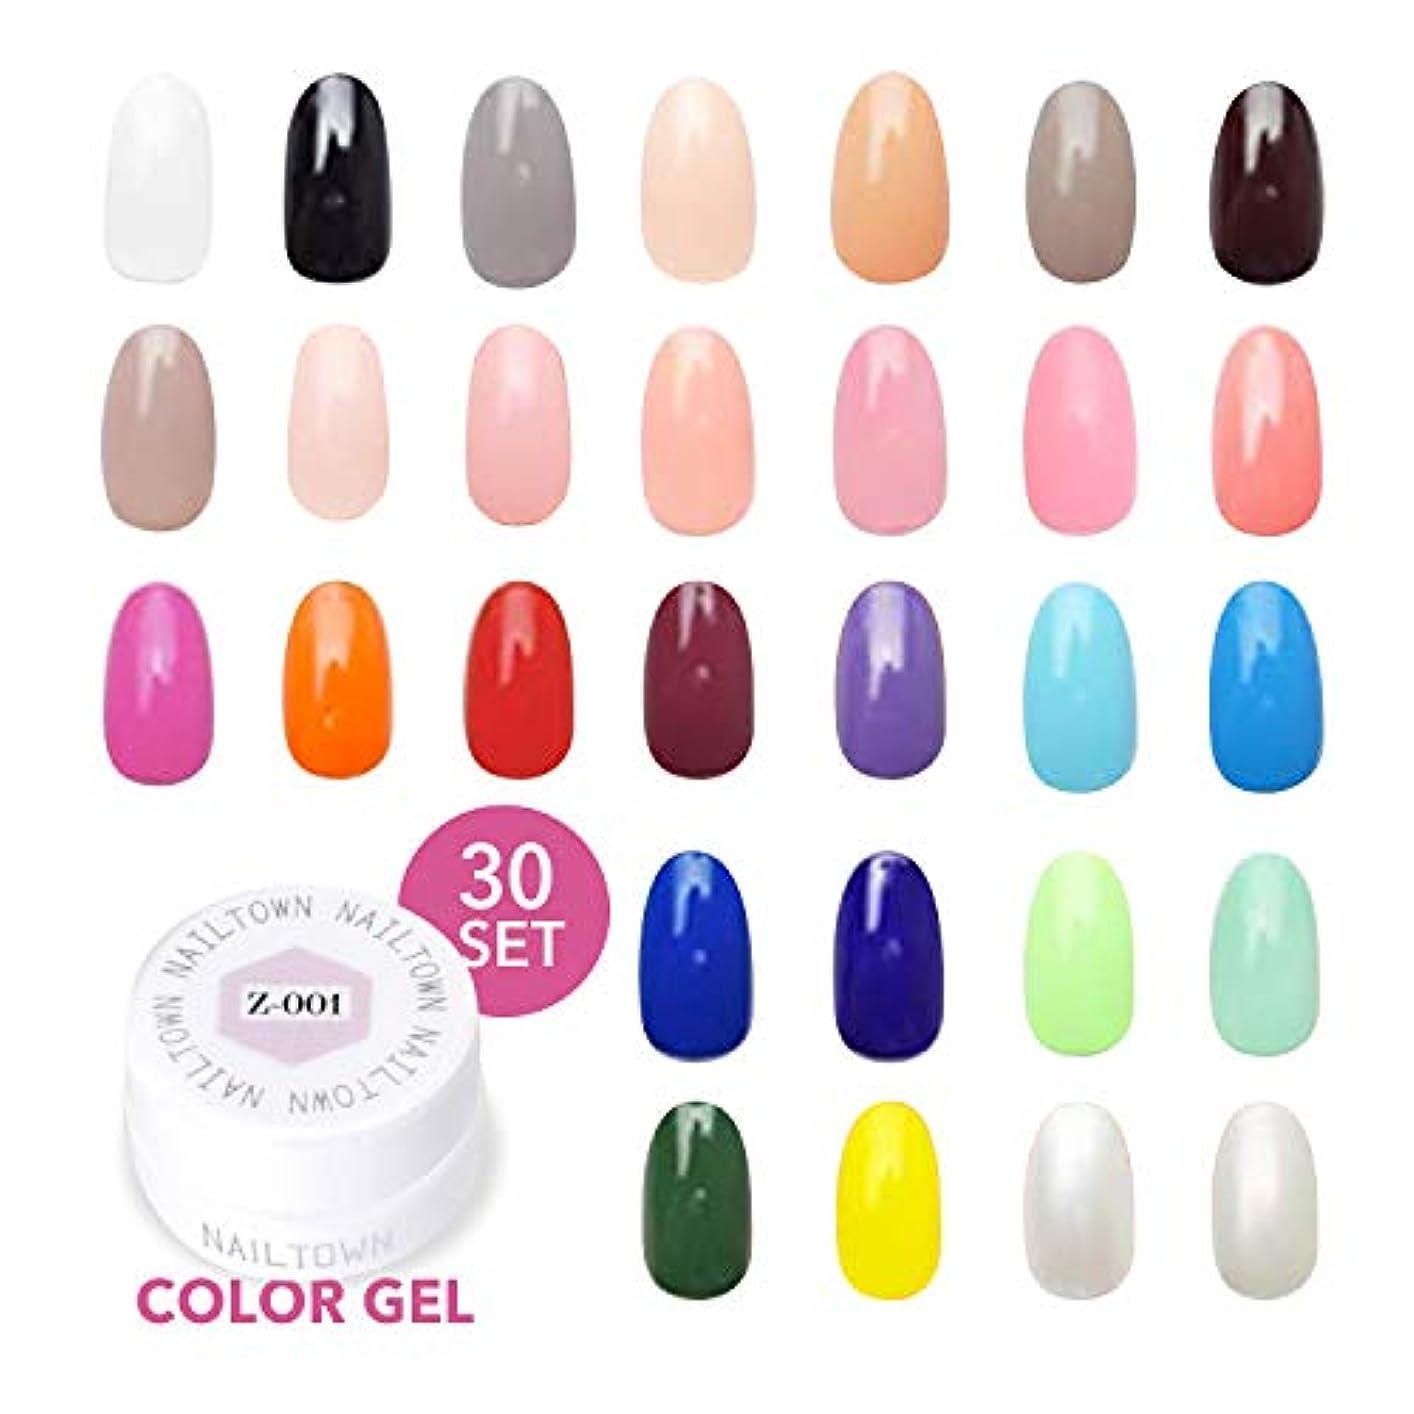 頻繁に環境に優しいシットコムiro gel (イロジェル) ネイルタウンジェル ジェルネイル 30色セット ソークオフタイプ [ 3g × 30色 ] [並行輸入品]